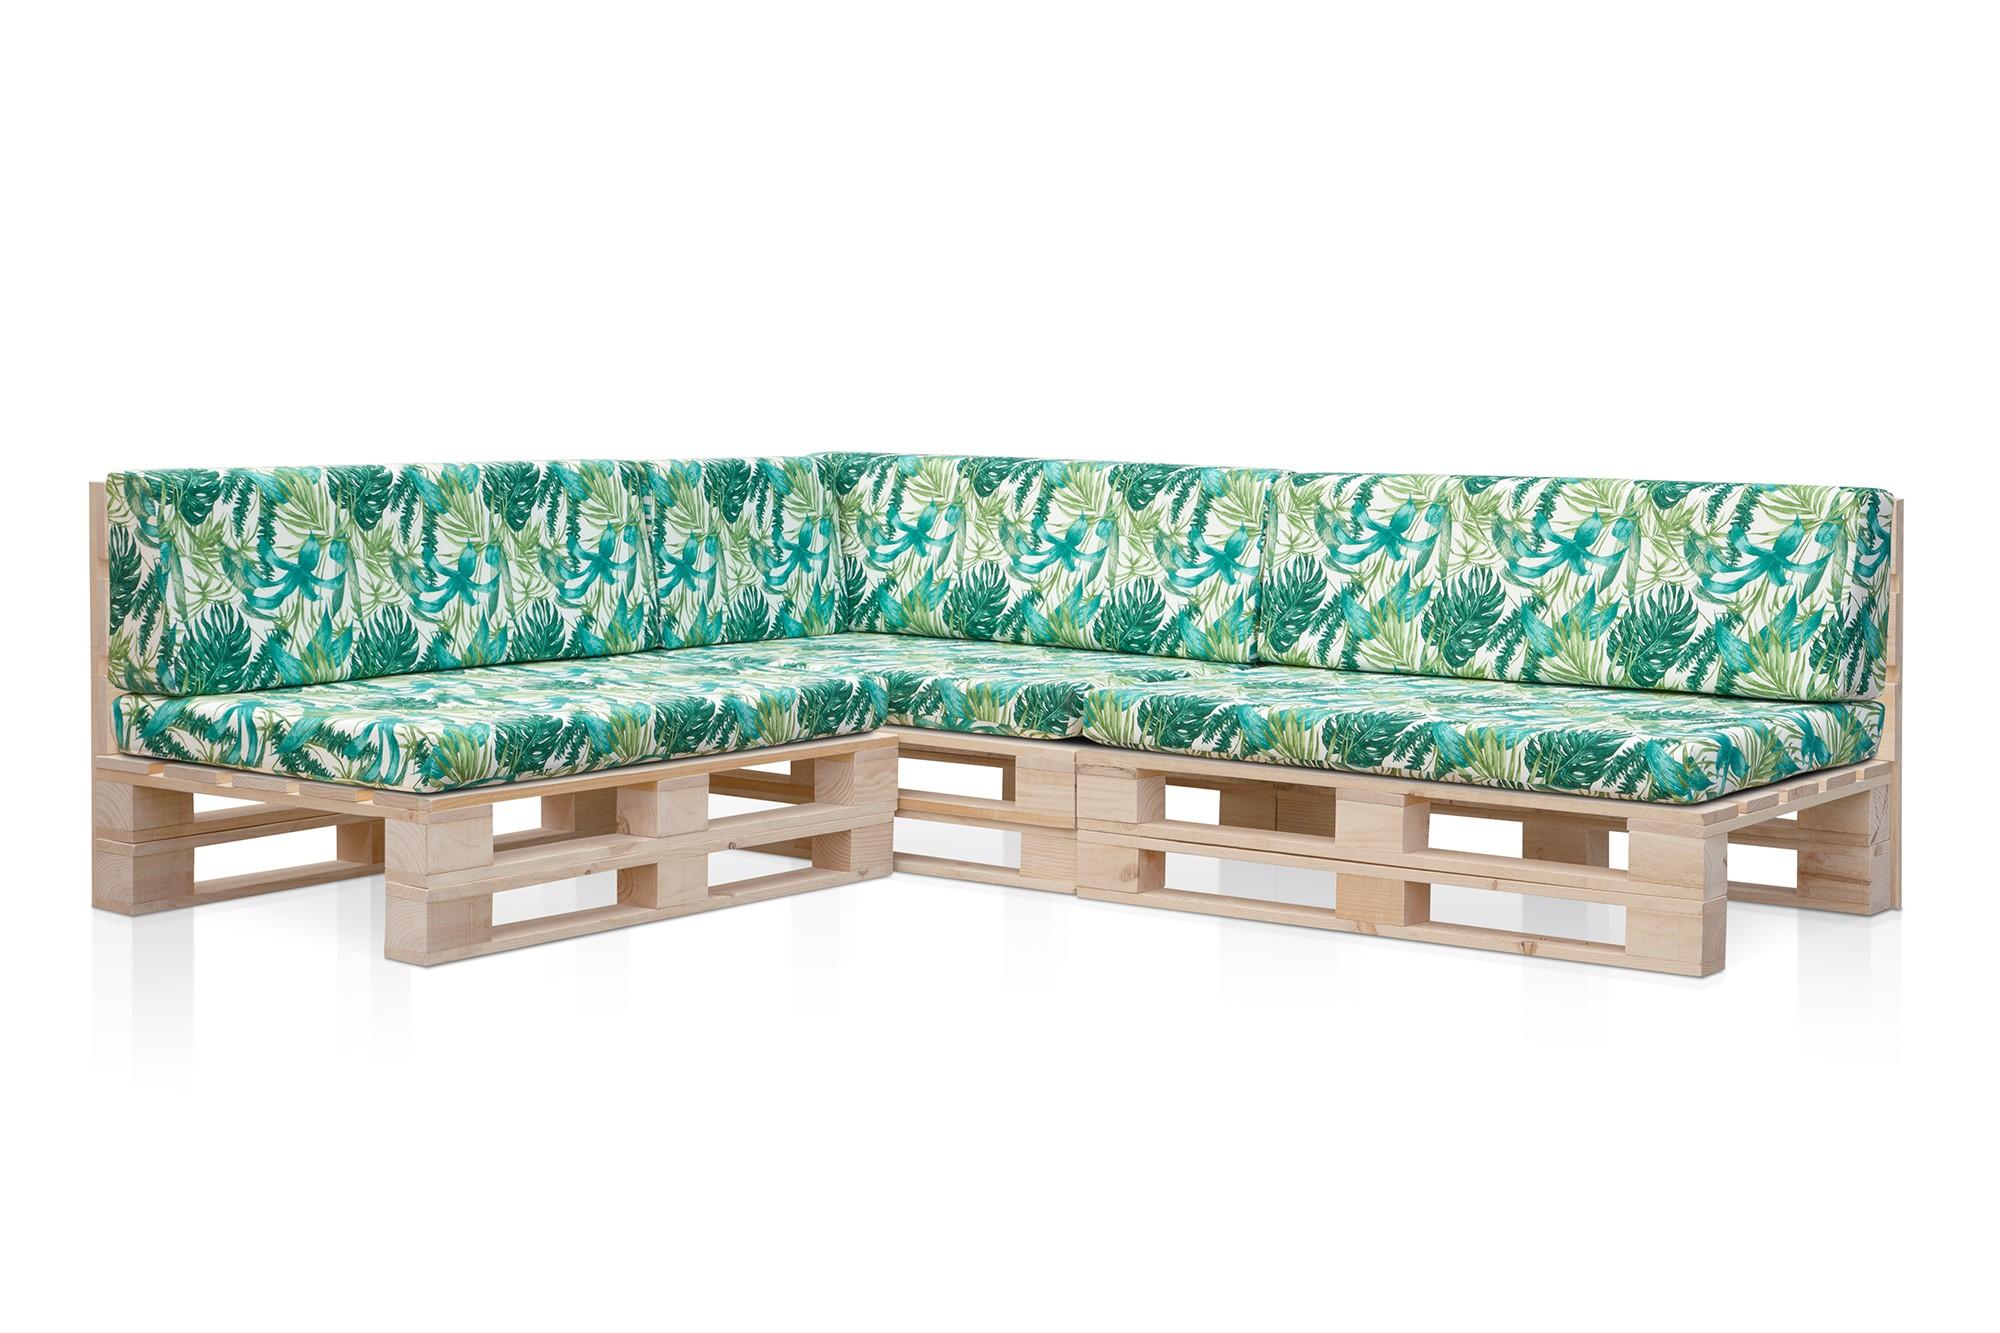 Sofá palet con cojines en Estampado Elga